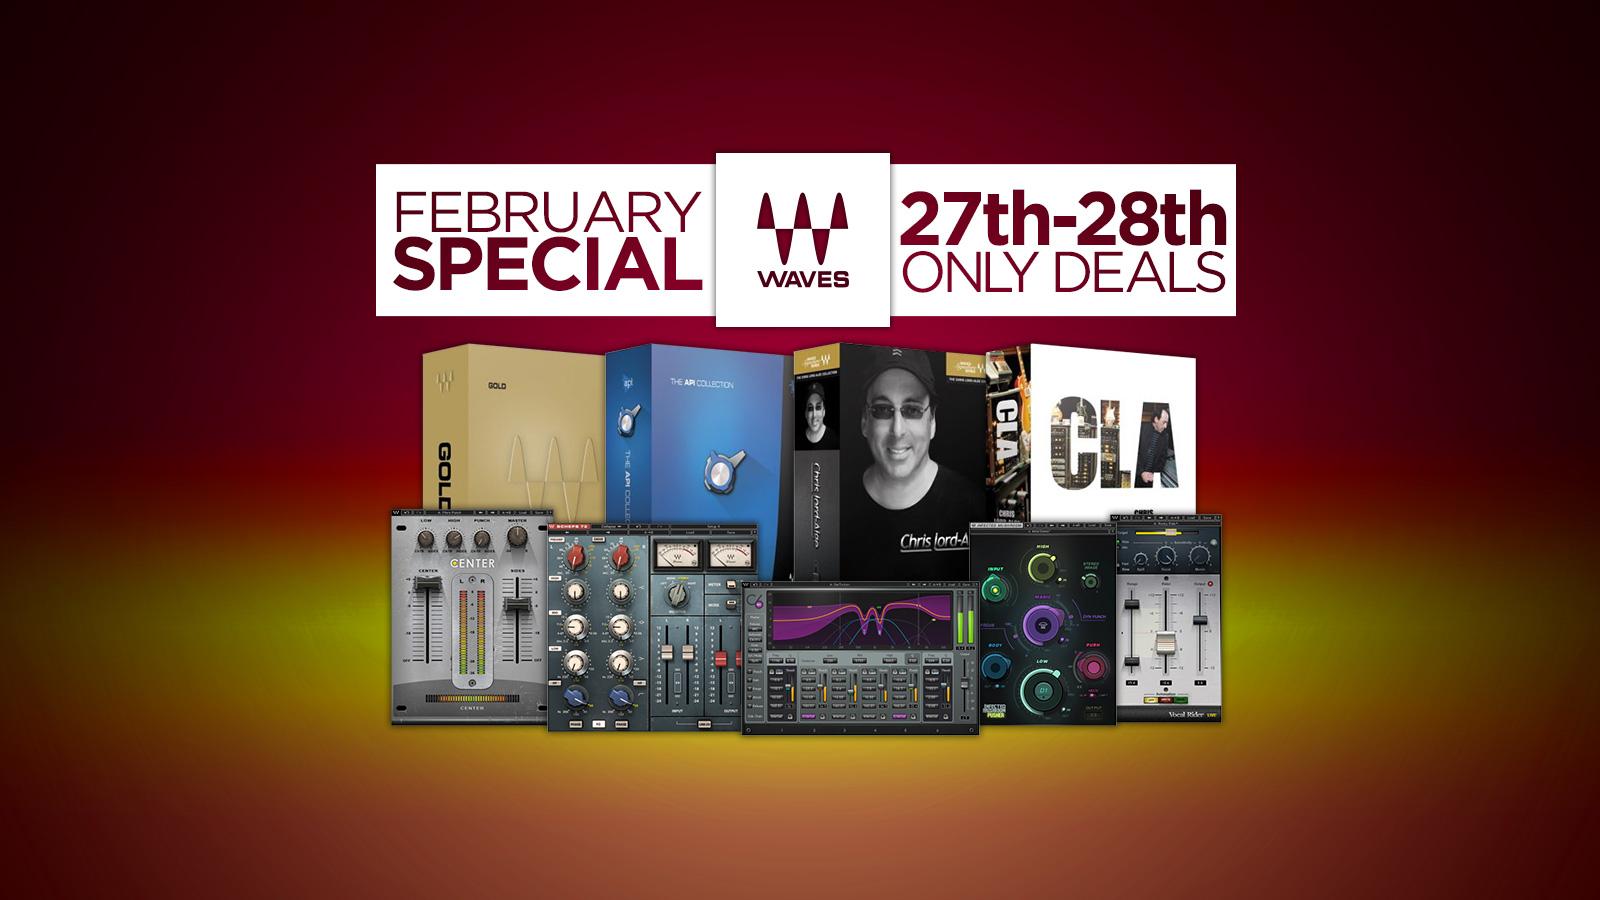 2月27日〜28日、人気のWavesバンドルとプラグインが2日間限定の特別価格!